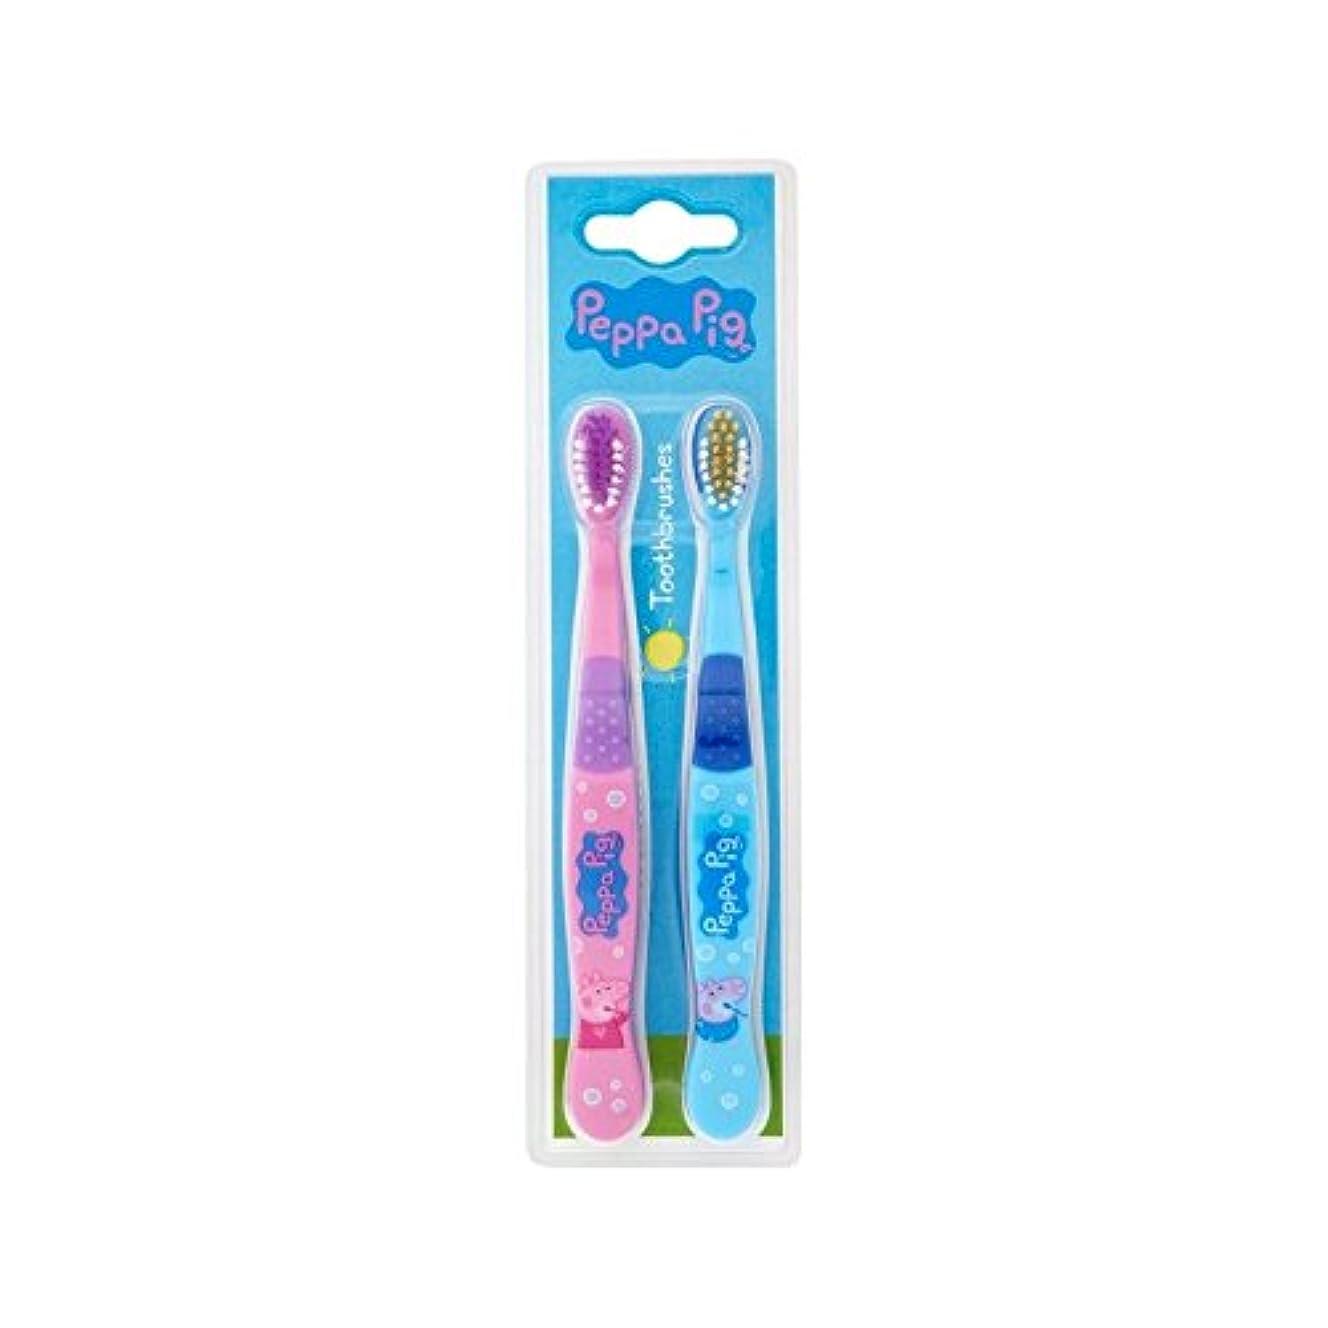 前部グレード自信がある1パックツイン歯ブラシ2 (Peppa Pig) (x 2) - Peppa Pig Twin Toothbrush 2 per pack (Pack of 2) [並行輸入品]